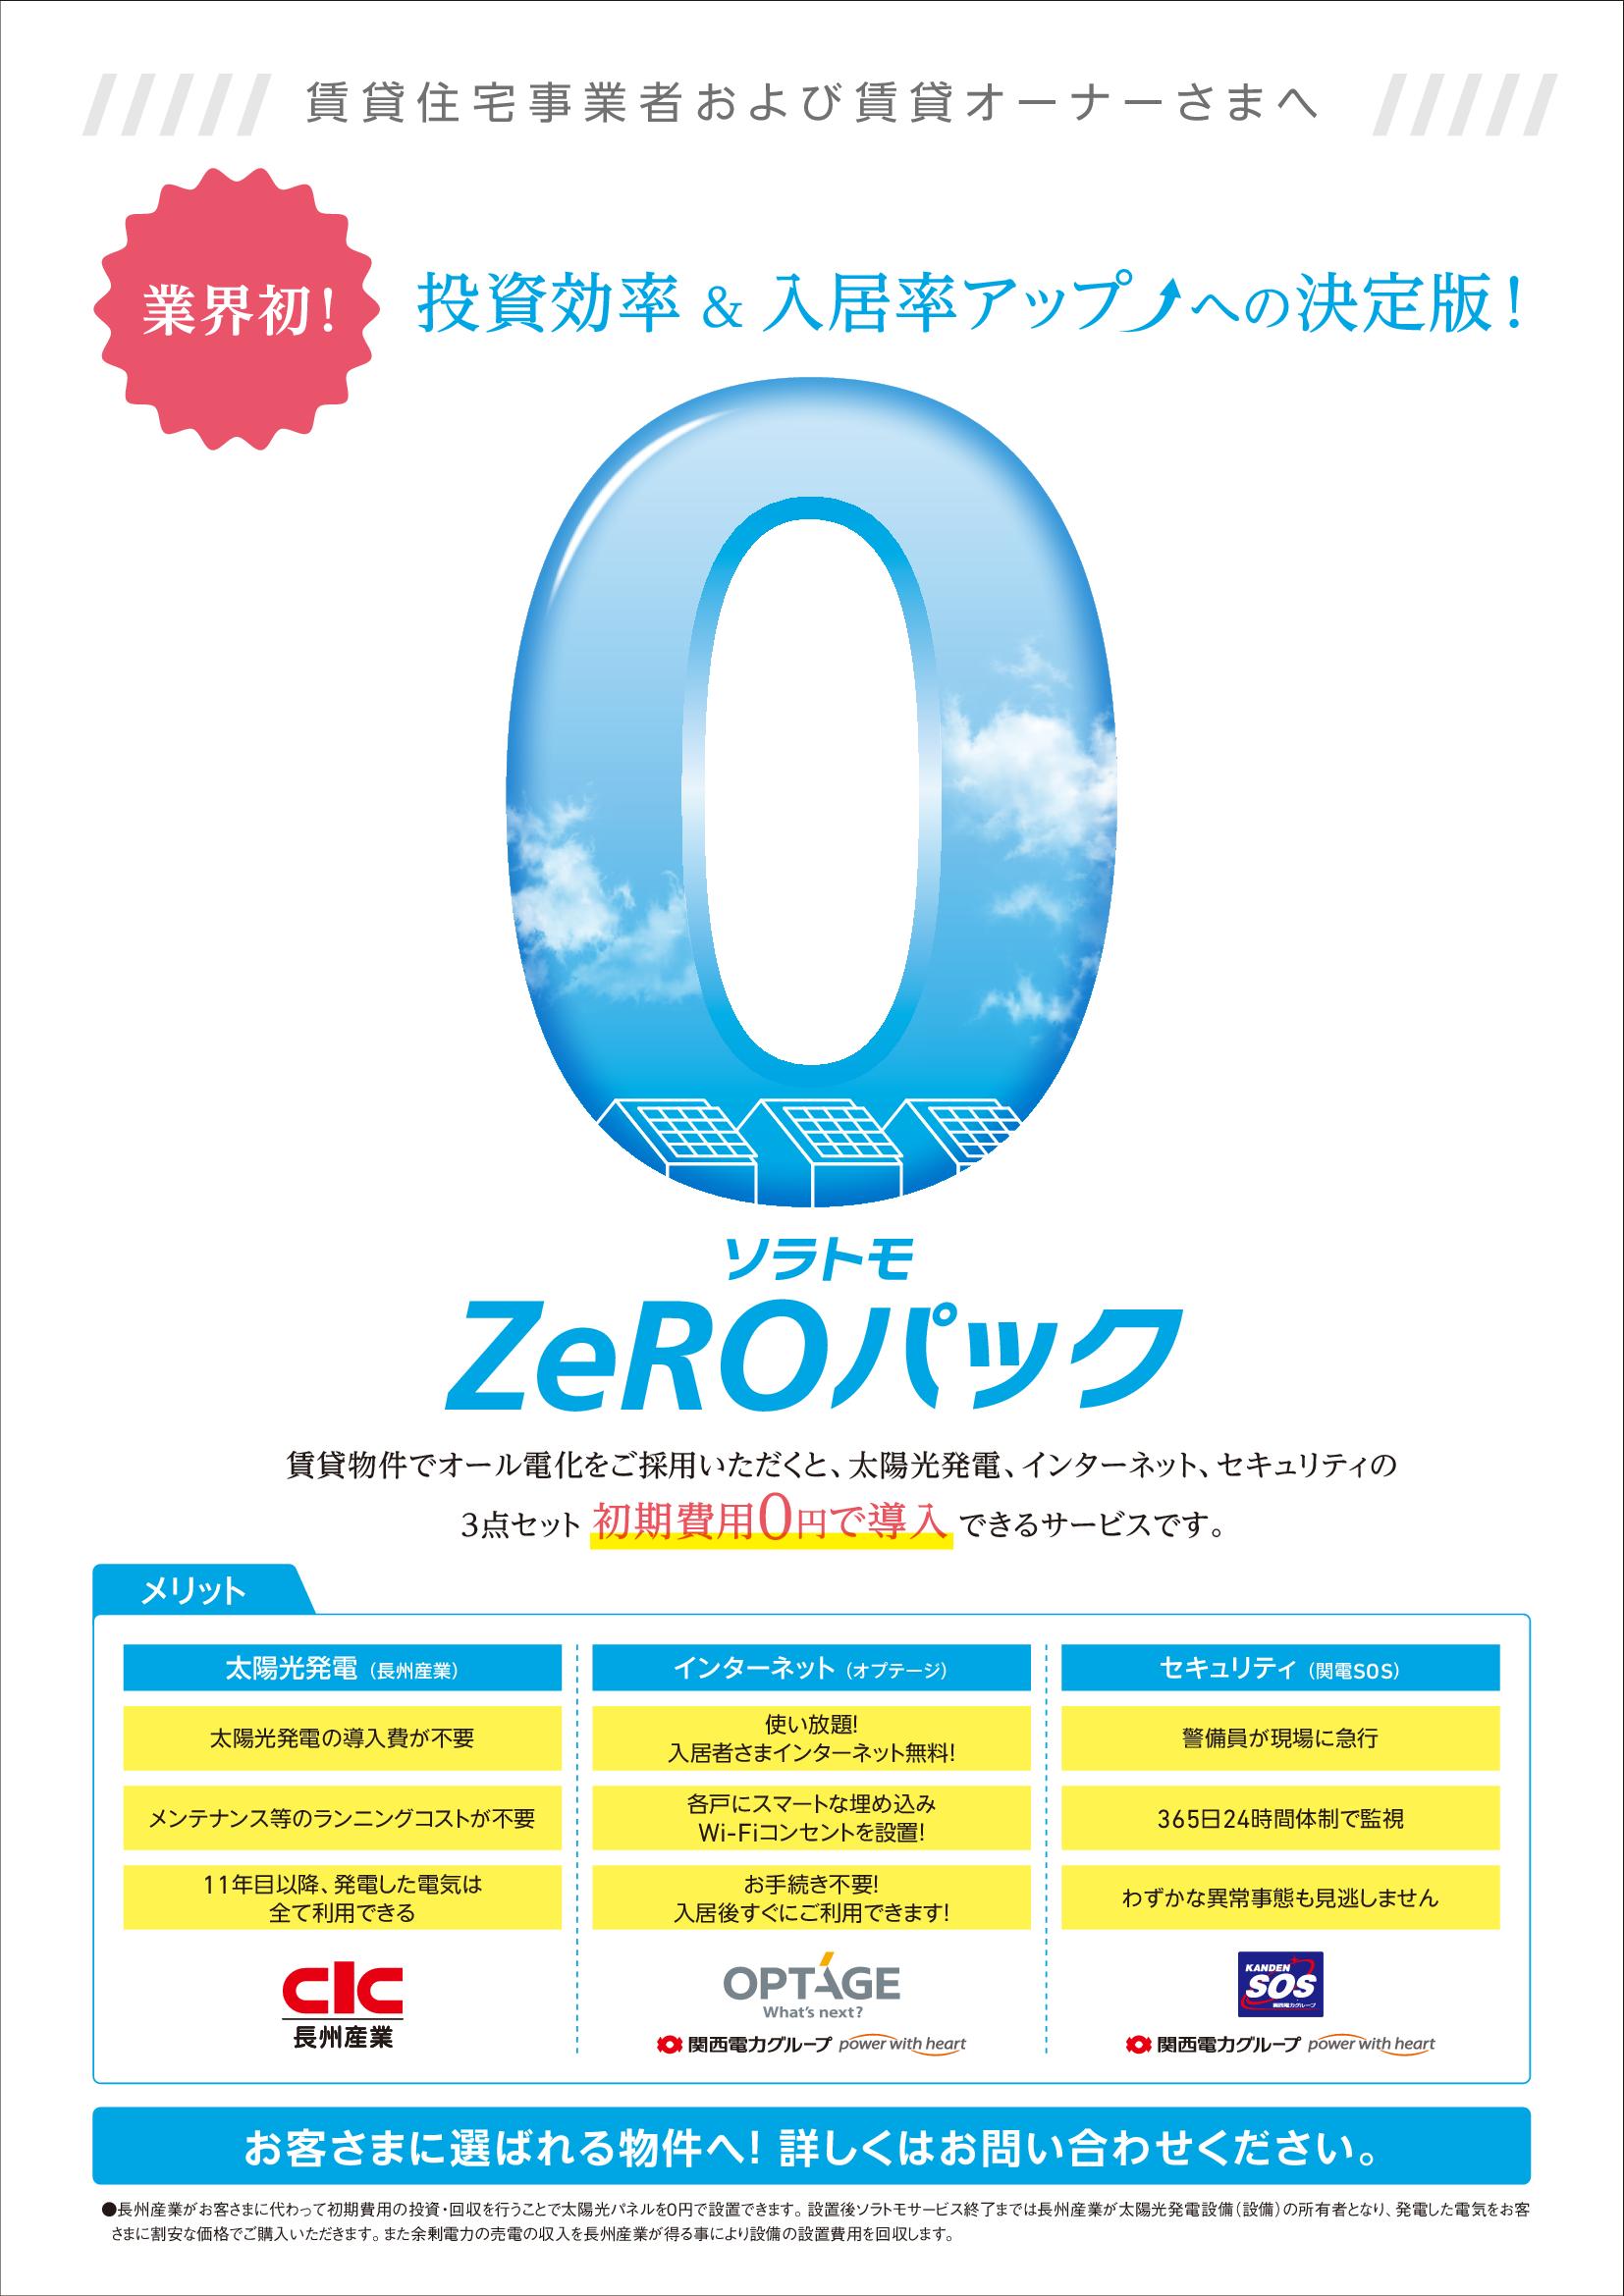 関西電力の「ソラトモZeROパック」で太陽光パネルなど人気設備を初期費用0円で導入!0